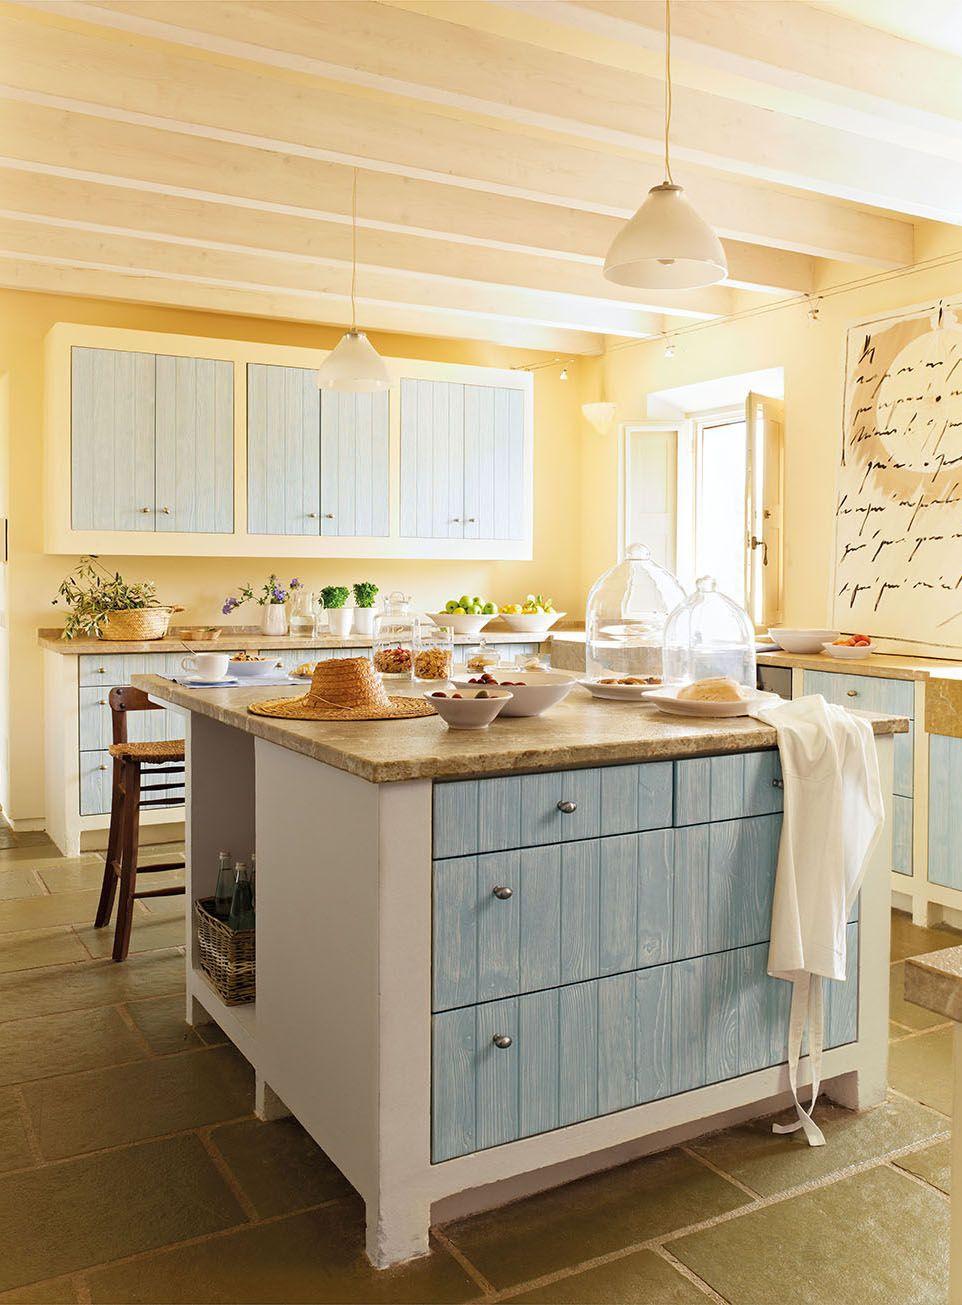 Cocina de piedra y madera azul con isla y un gran cuadro en la ...